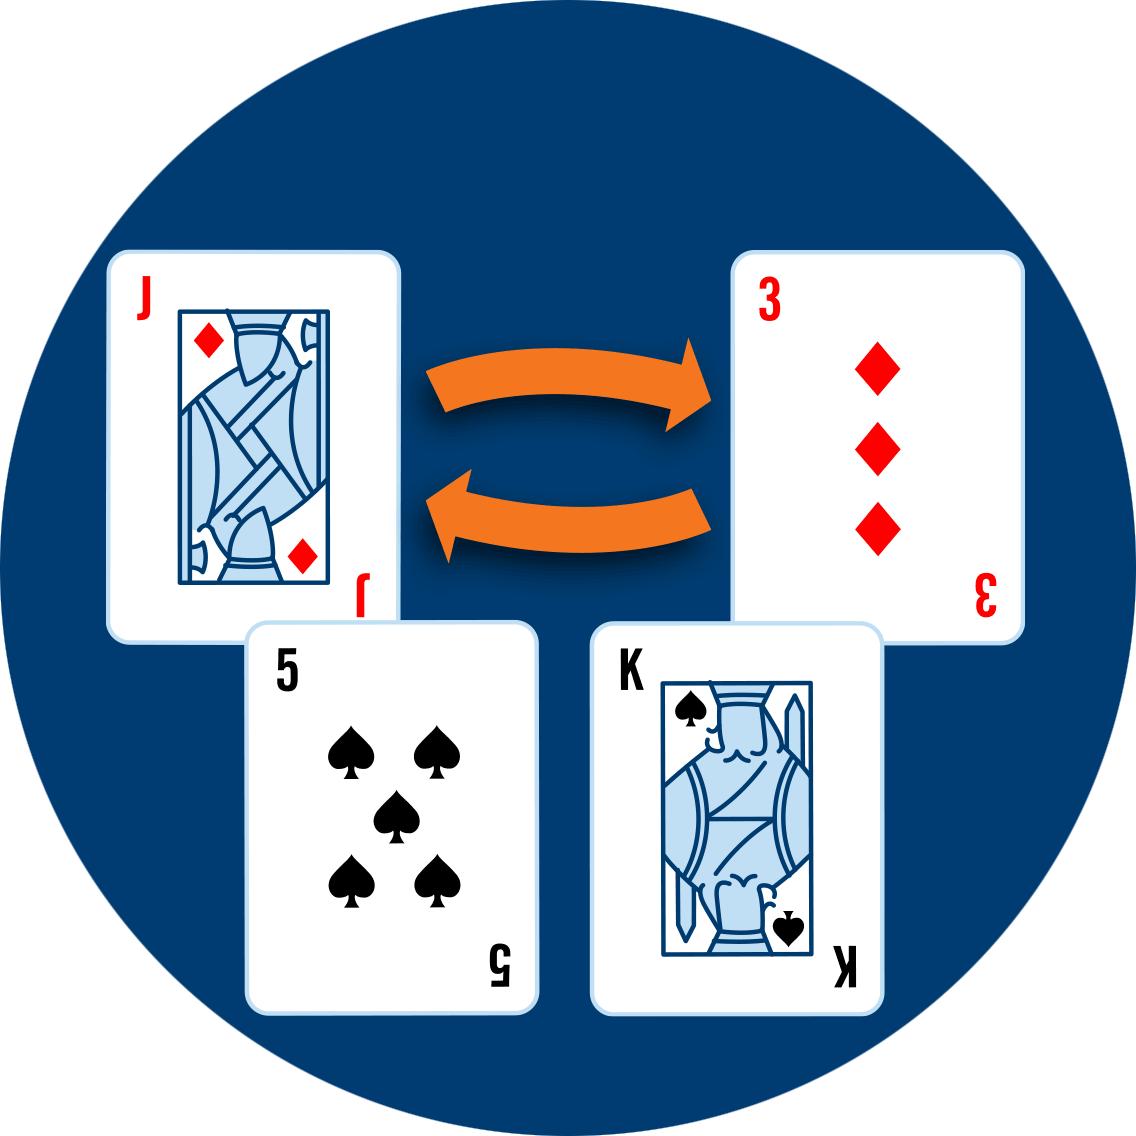 方块3与方块J互换,结果其中一手有一张方块3和一张黑桃5,另一手有一张方块J和一张黑桃K。